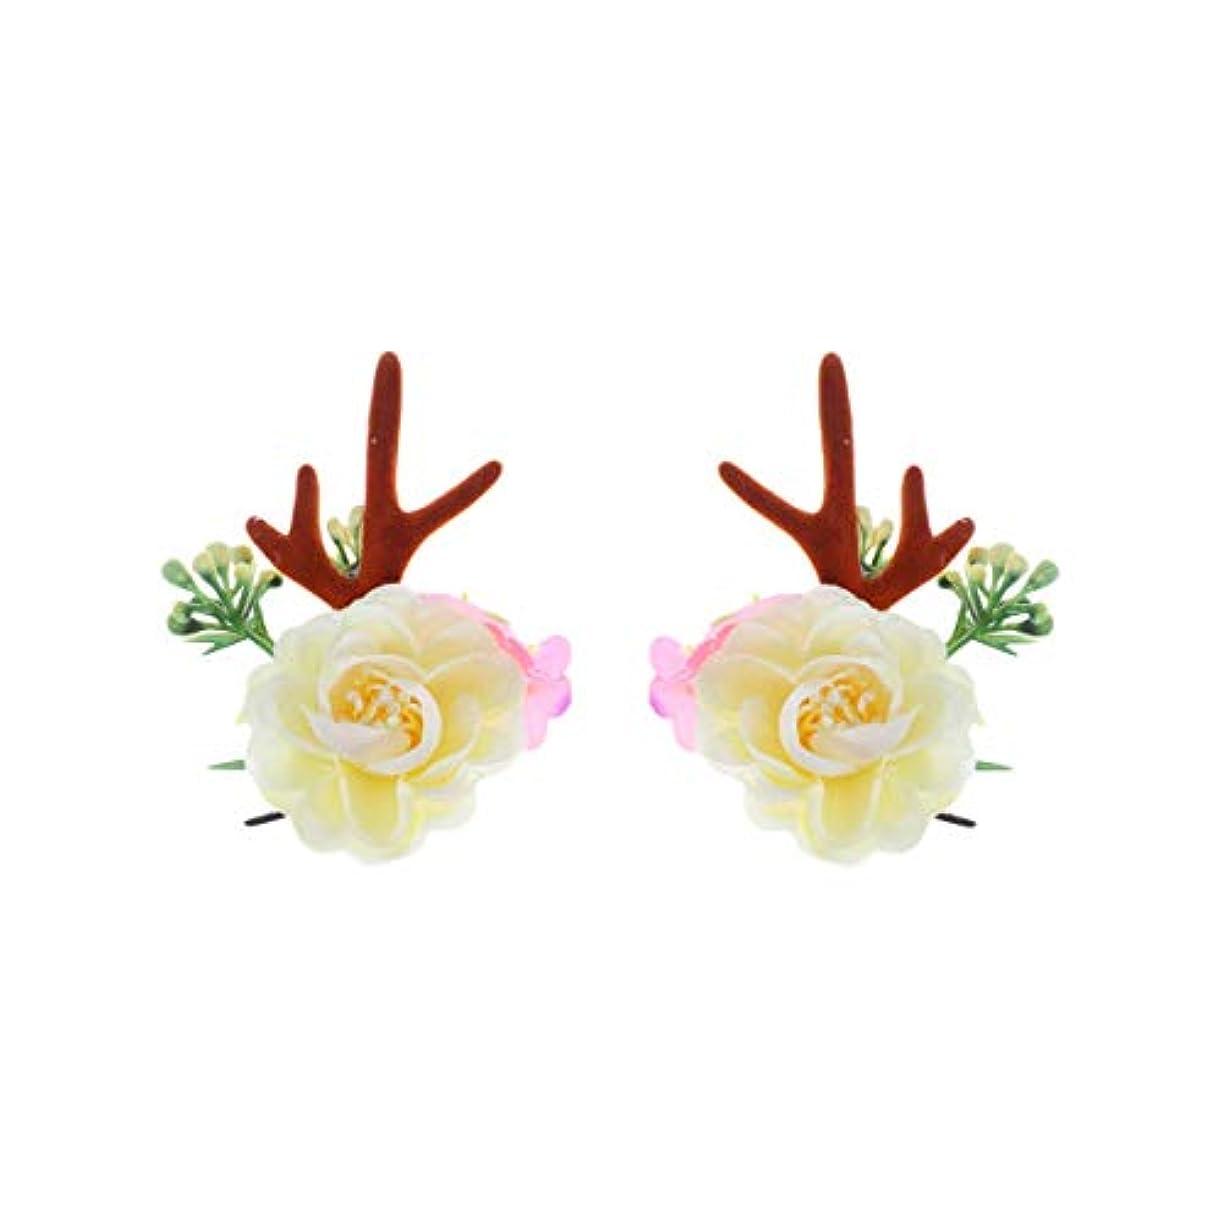 韓国語好奇心ターゲットLurrose クリスマスヘアクリップアントラーズアントラーズヘアピンかわいいヘアアクセサリー女の子日常着パーティーデコレーション